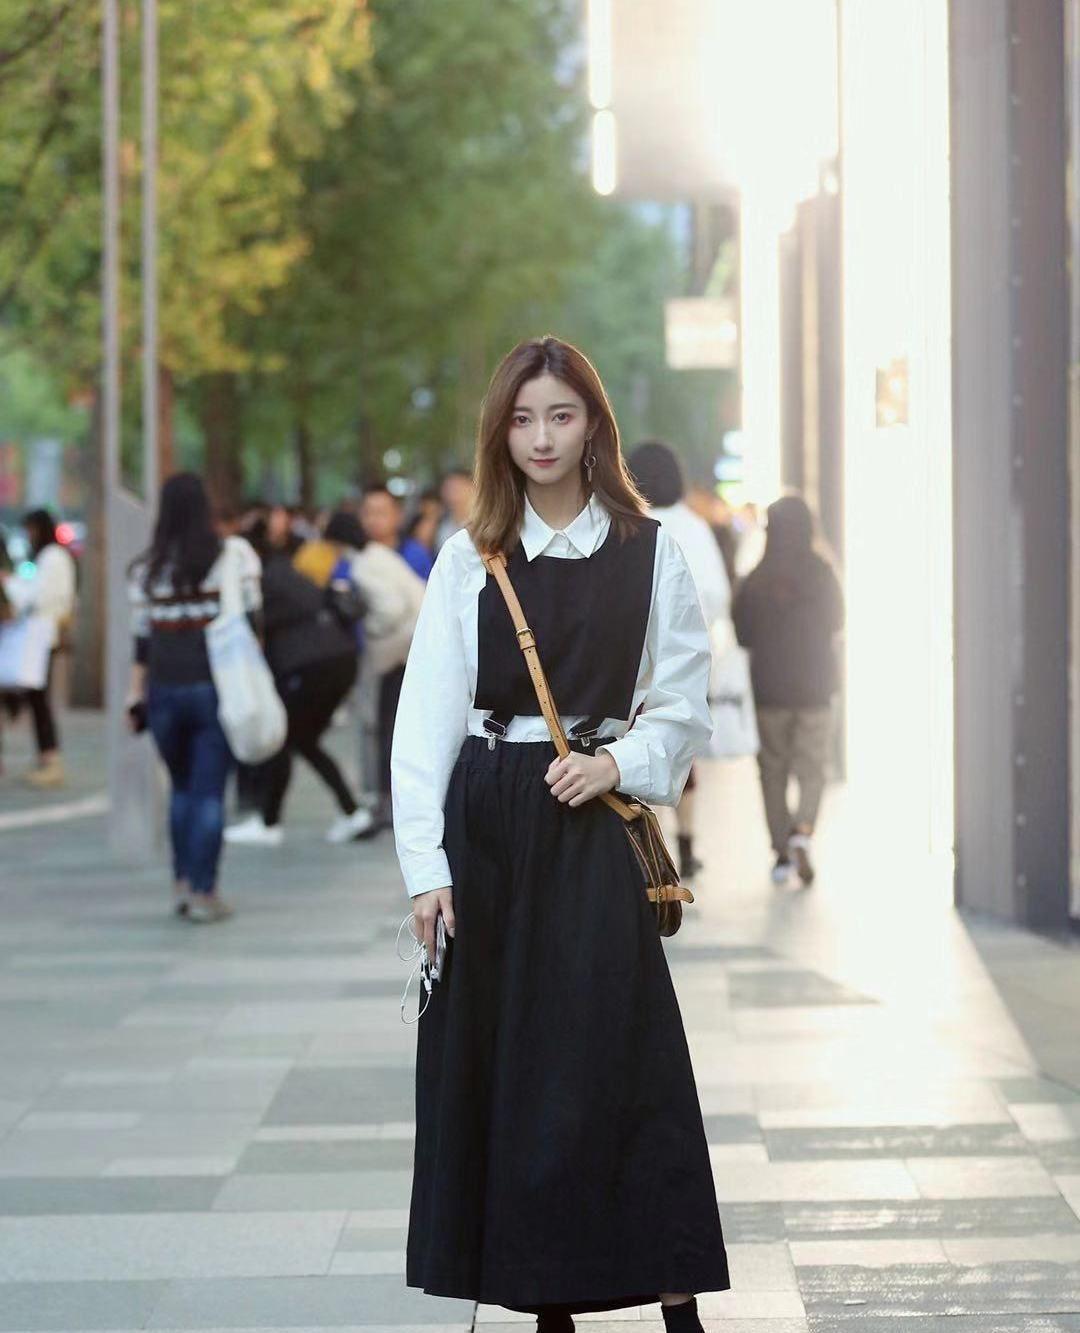 街拍,小姐姐白色衬衫搭配黑色长裙,简单的搭配满满英伦风